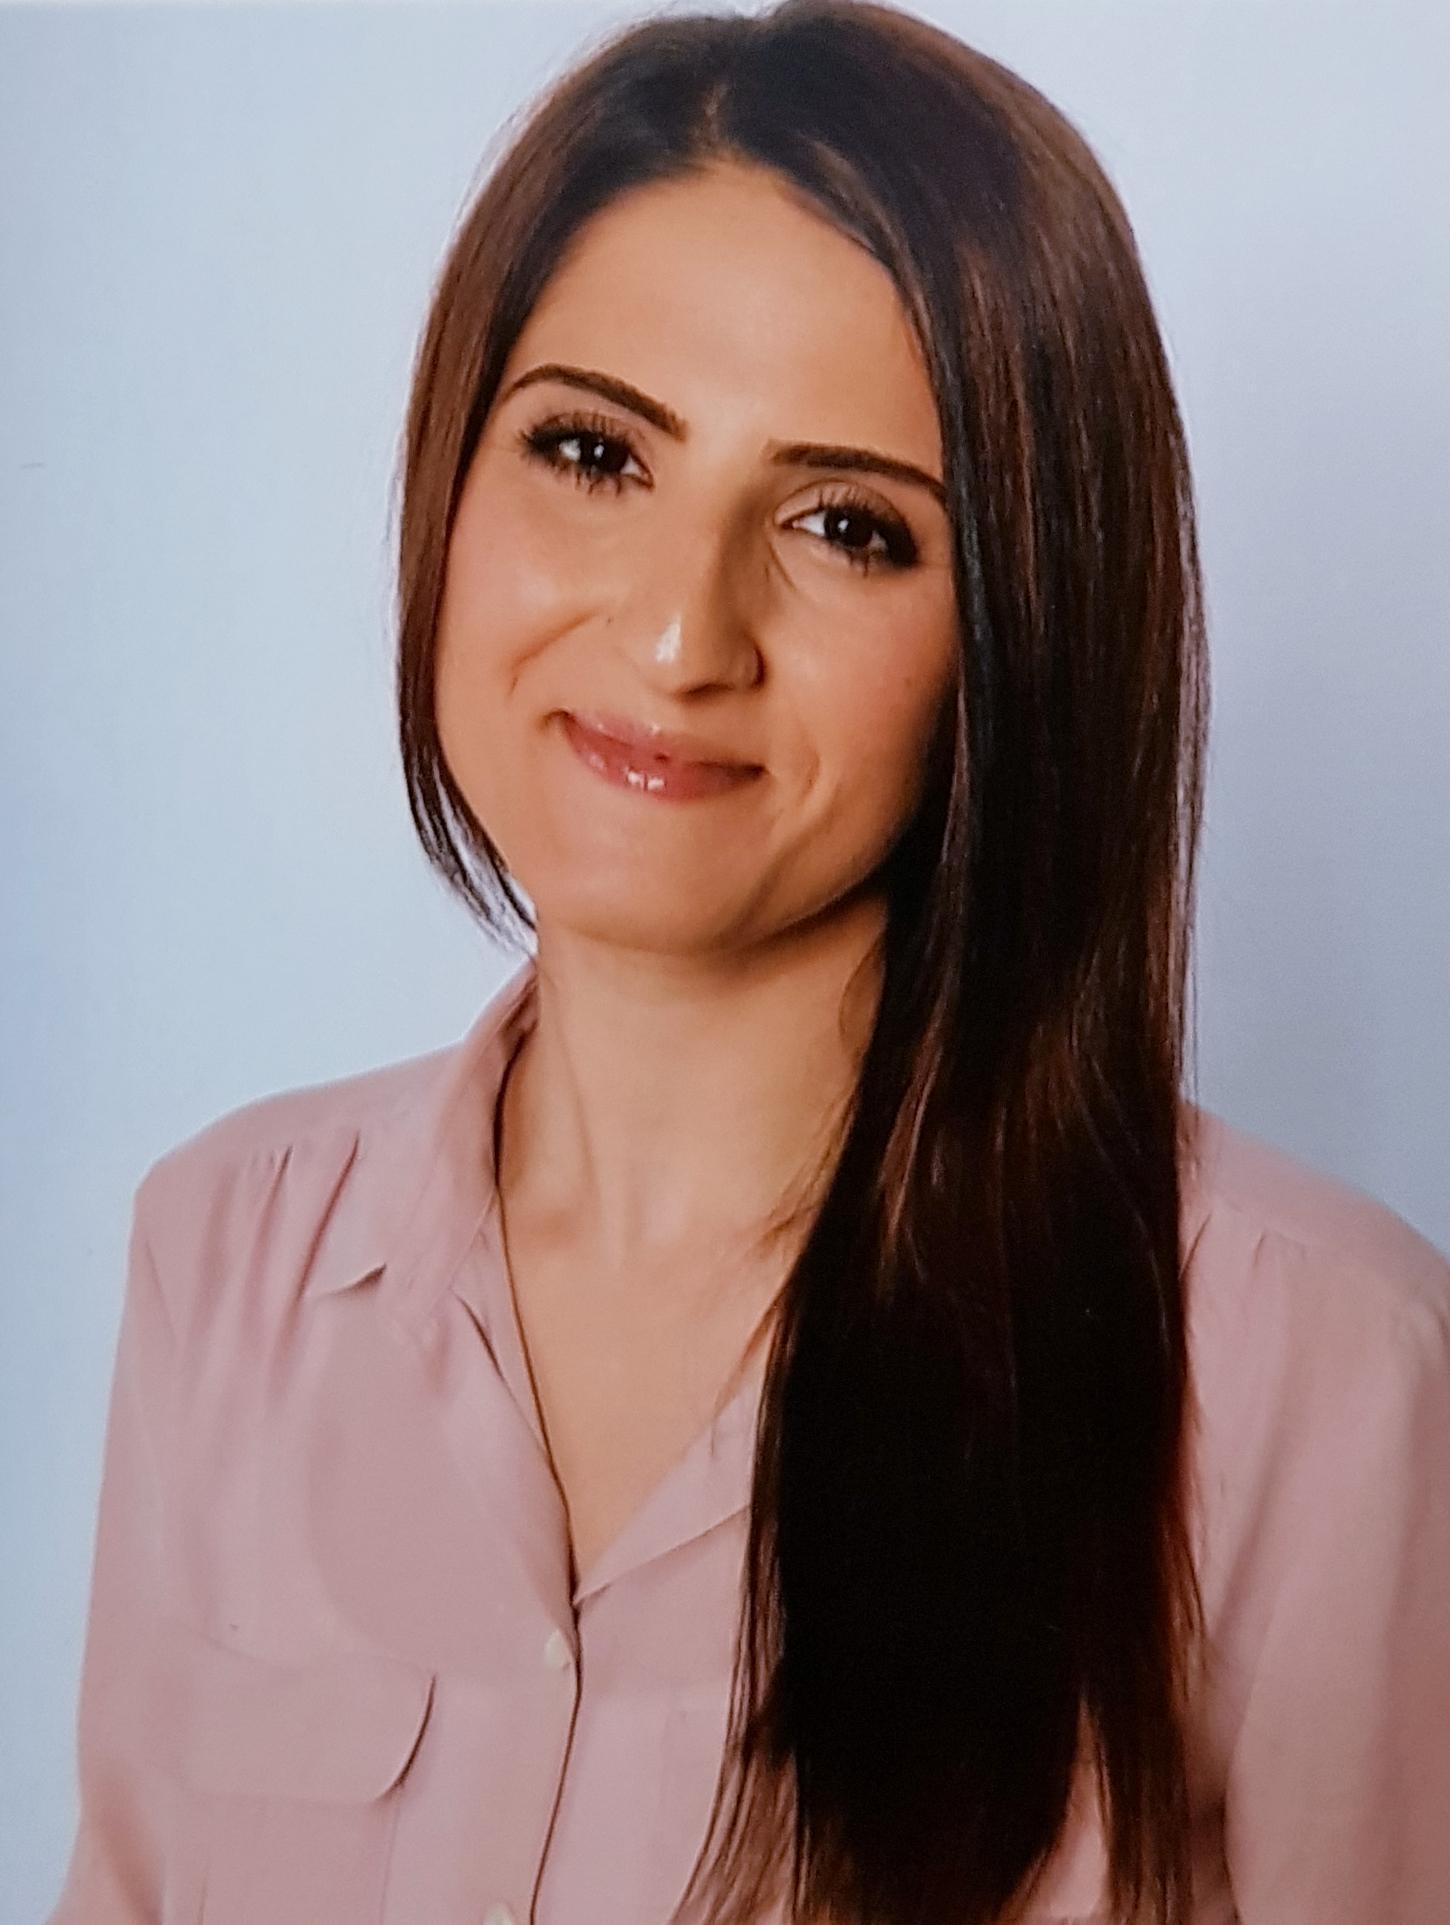 Liwa Schneider